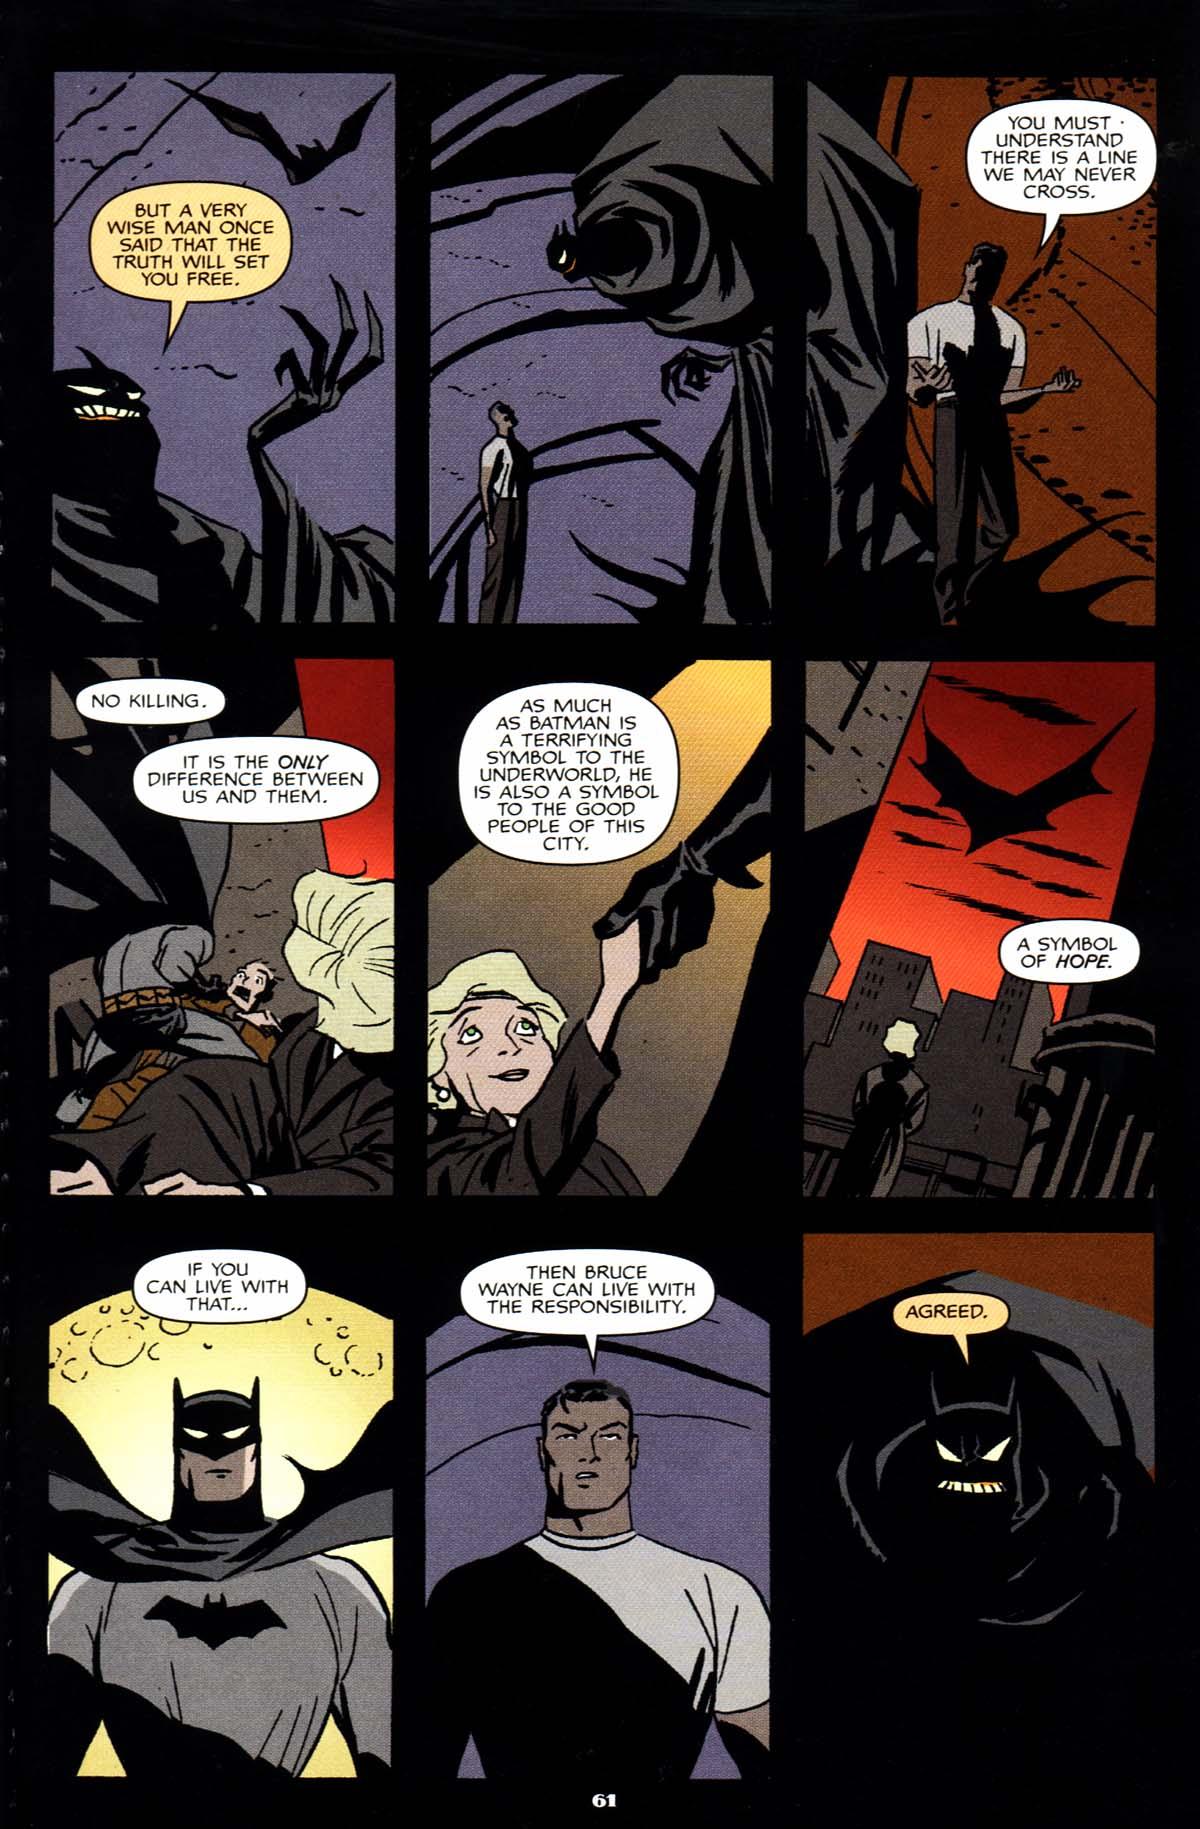 Batman: Ego Full Page 64